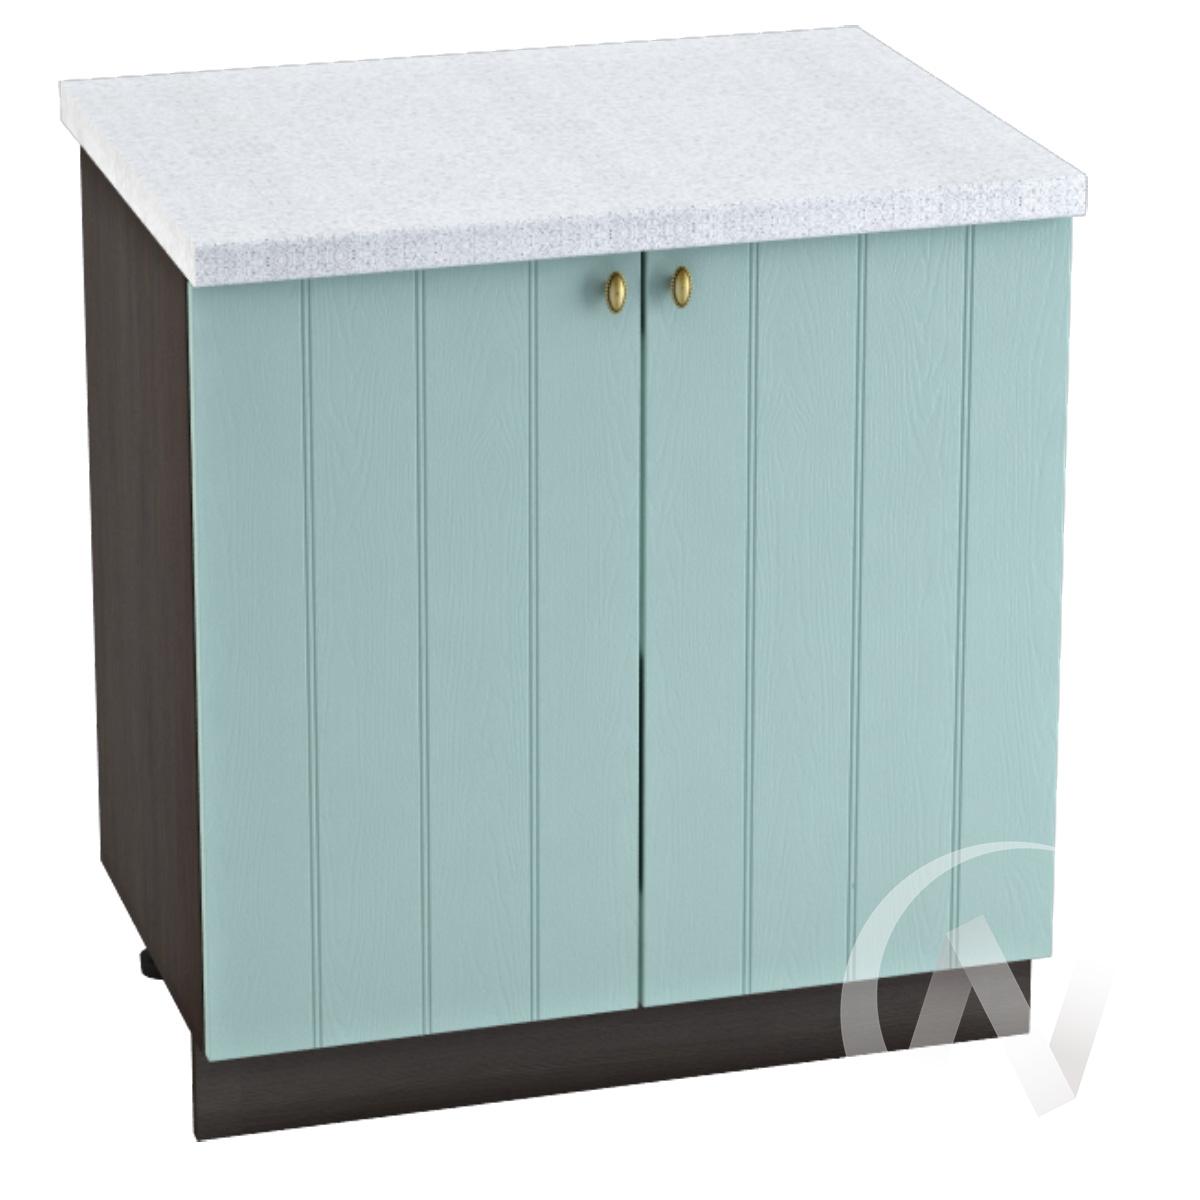 """Кухня """"Прованс"""": Шкаф нижний 800, ШН 800 (голубой/корпус венге)"""